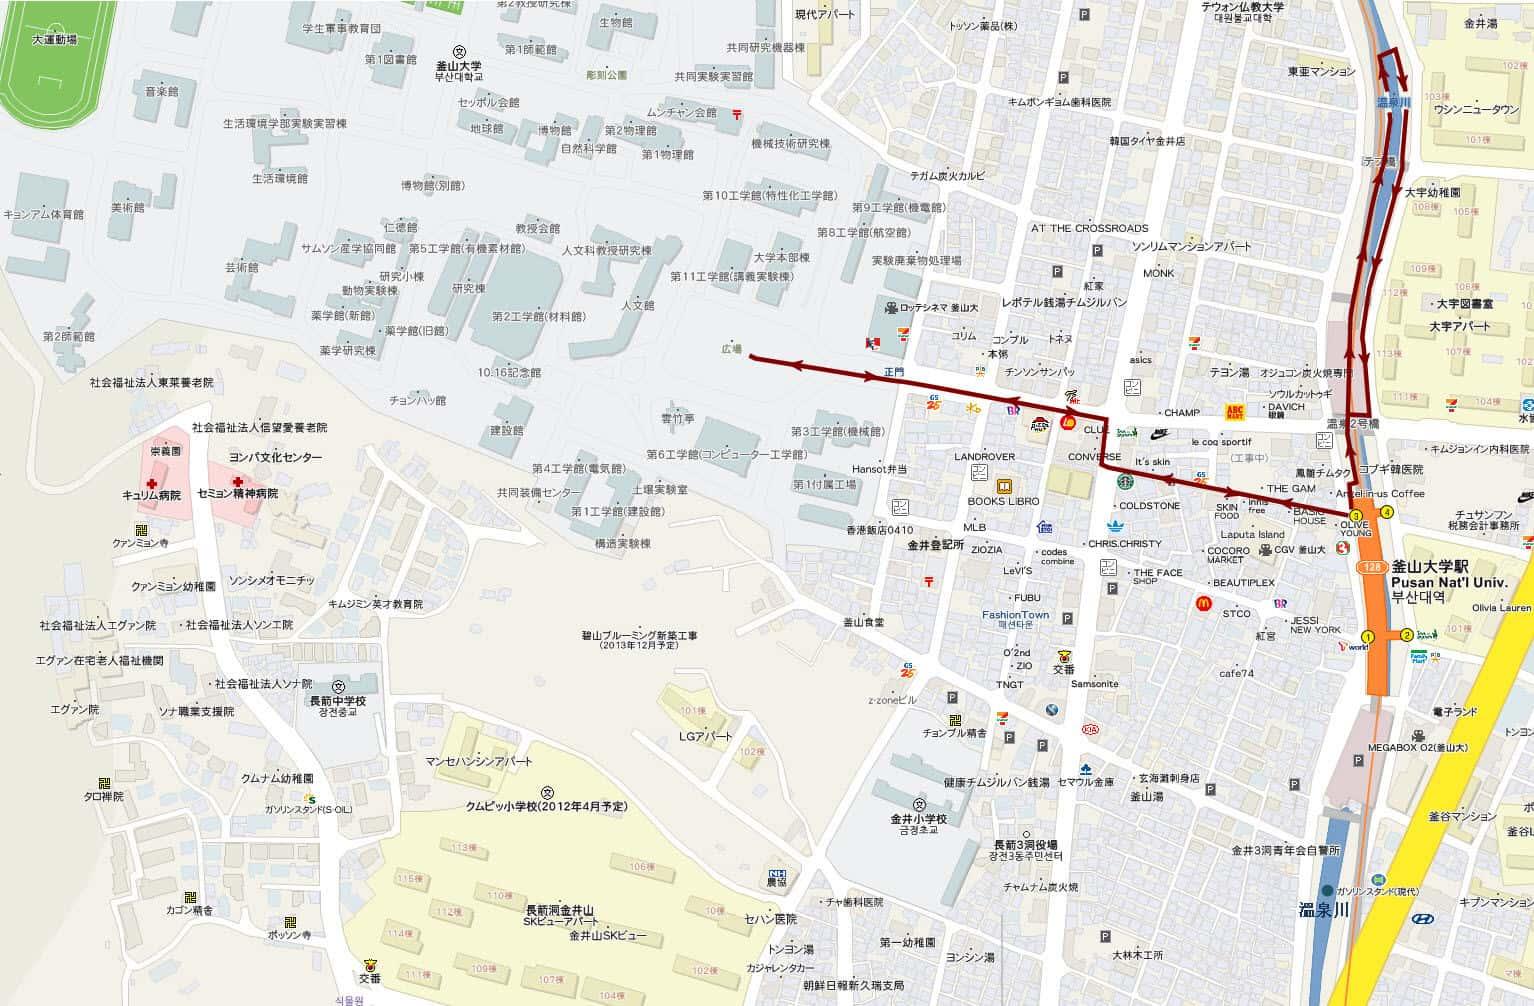 釜山大學、溫泉川遊覽路線地圖